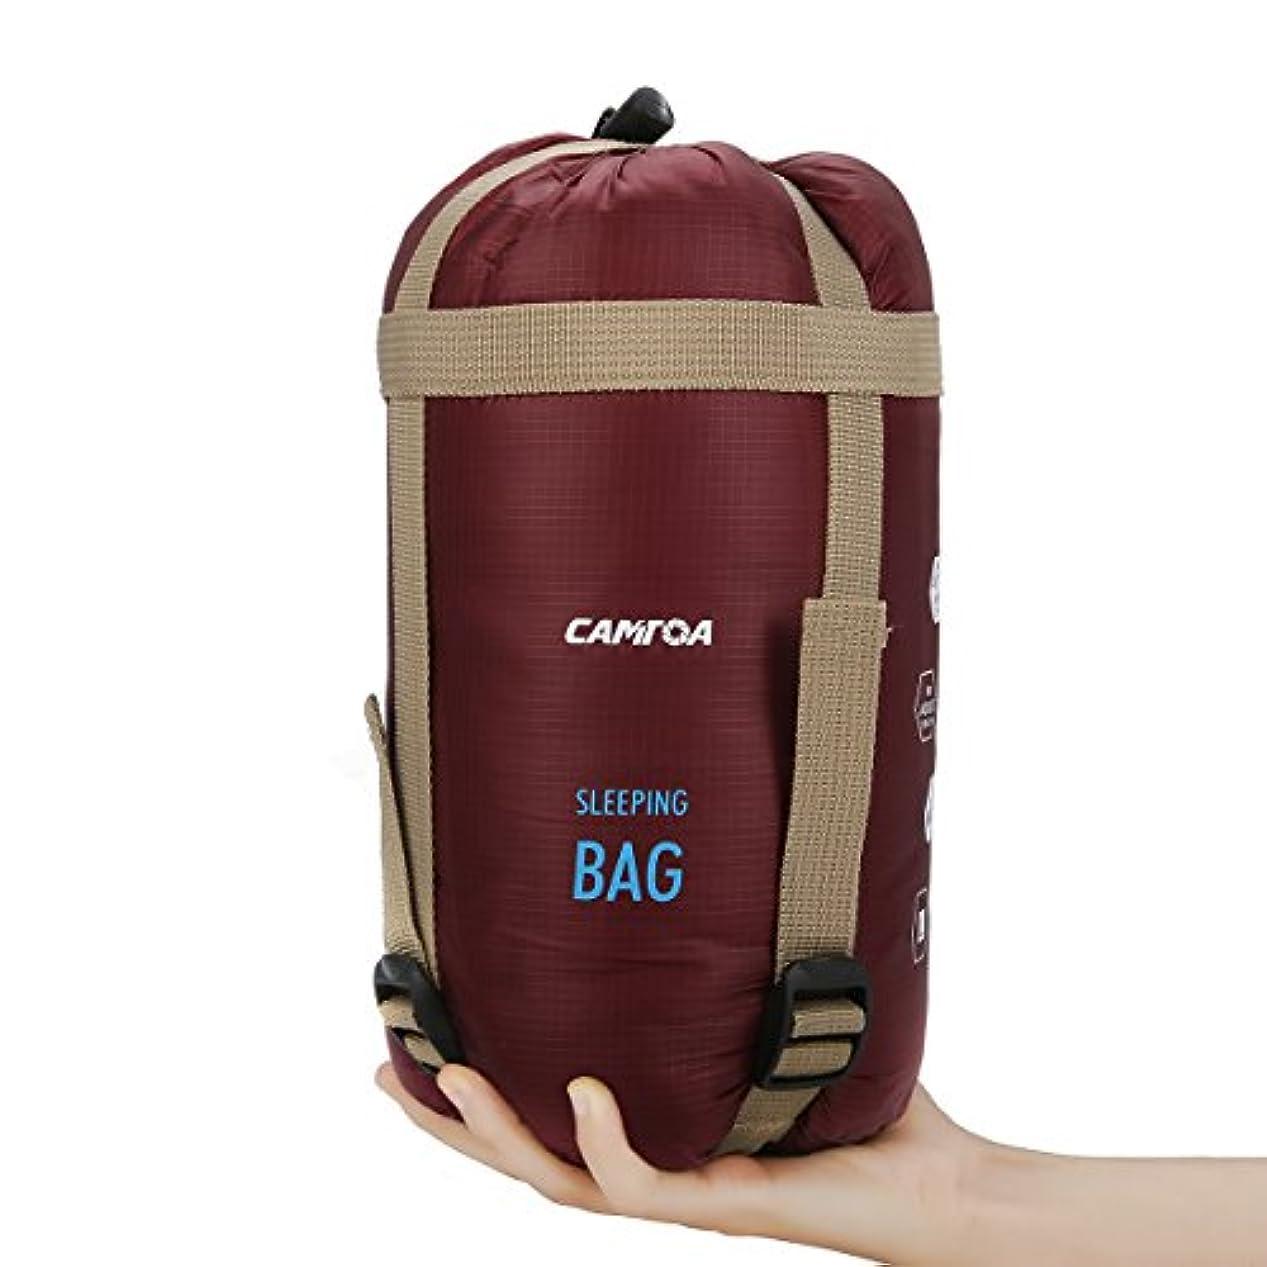 異常思いやりのある砂CAMTOA アウトドアシュラフ 寝袋 封筒型 シュラフ 超軽量 ミニ収納 190 x 75cm キャンプシュラフ アウトドア キャンプ 登山 車中泊 丸洗い 収納袋付き